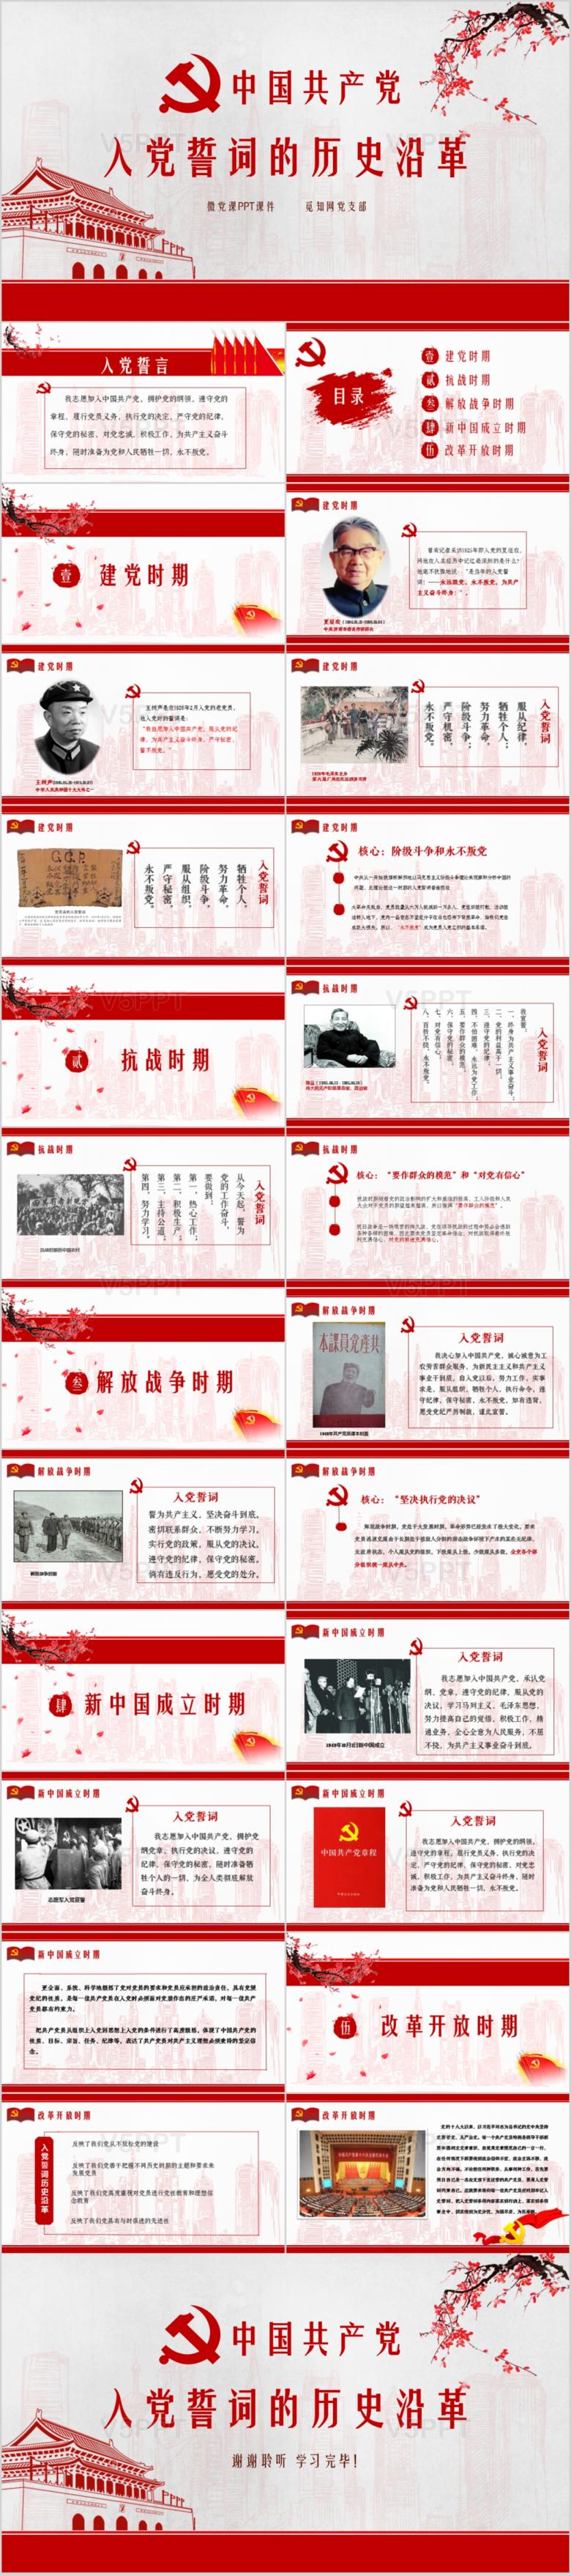 复古红色微党课入党誓词历史沿革PPT课件